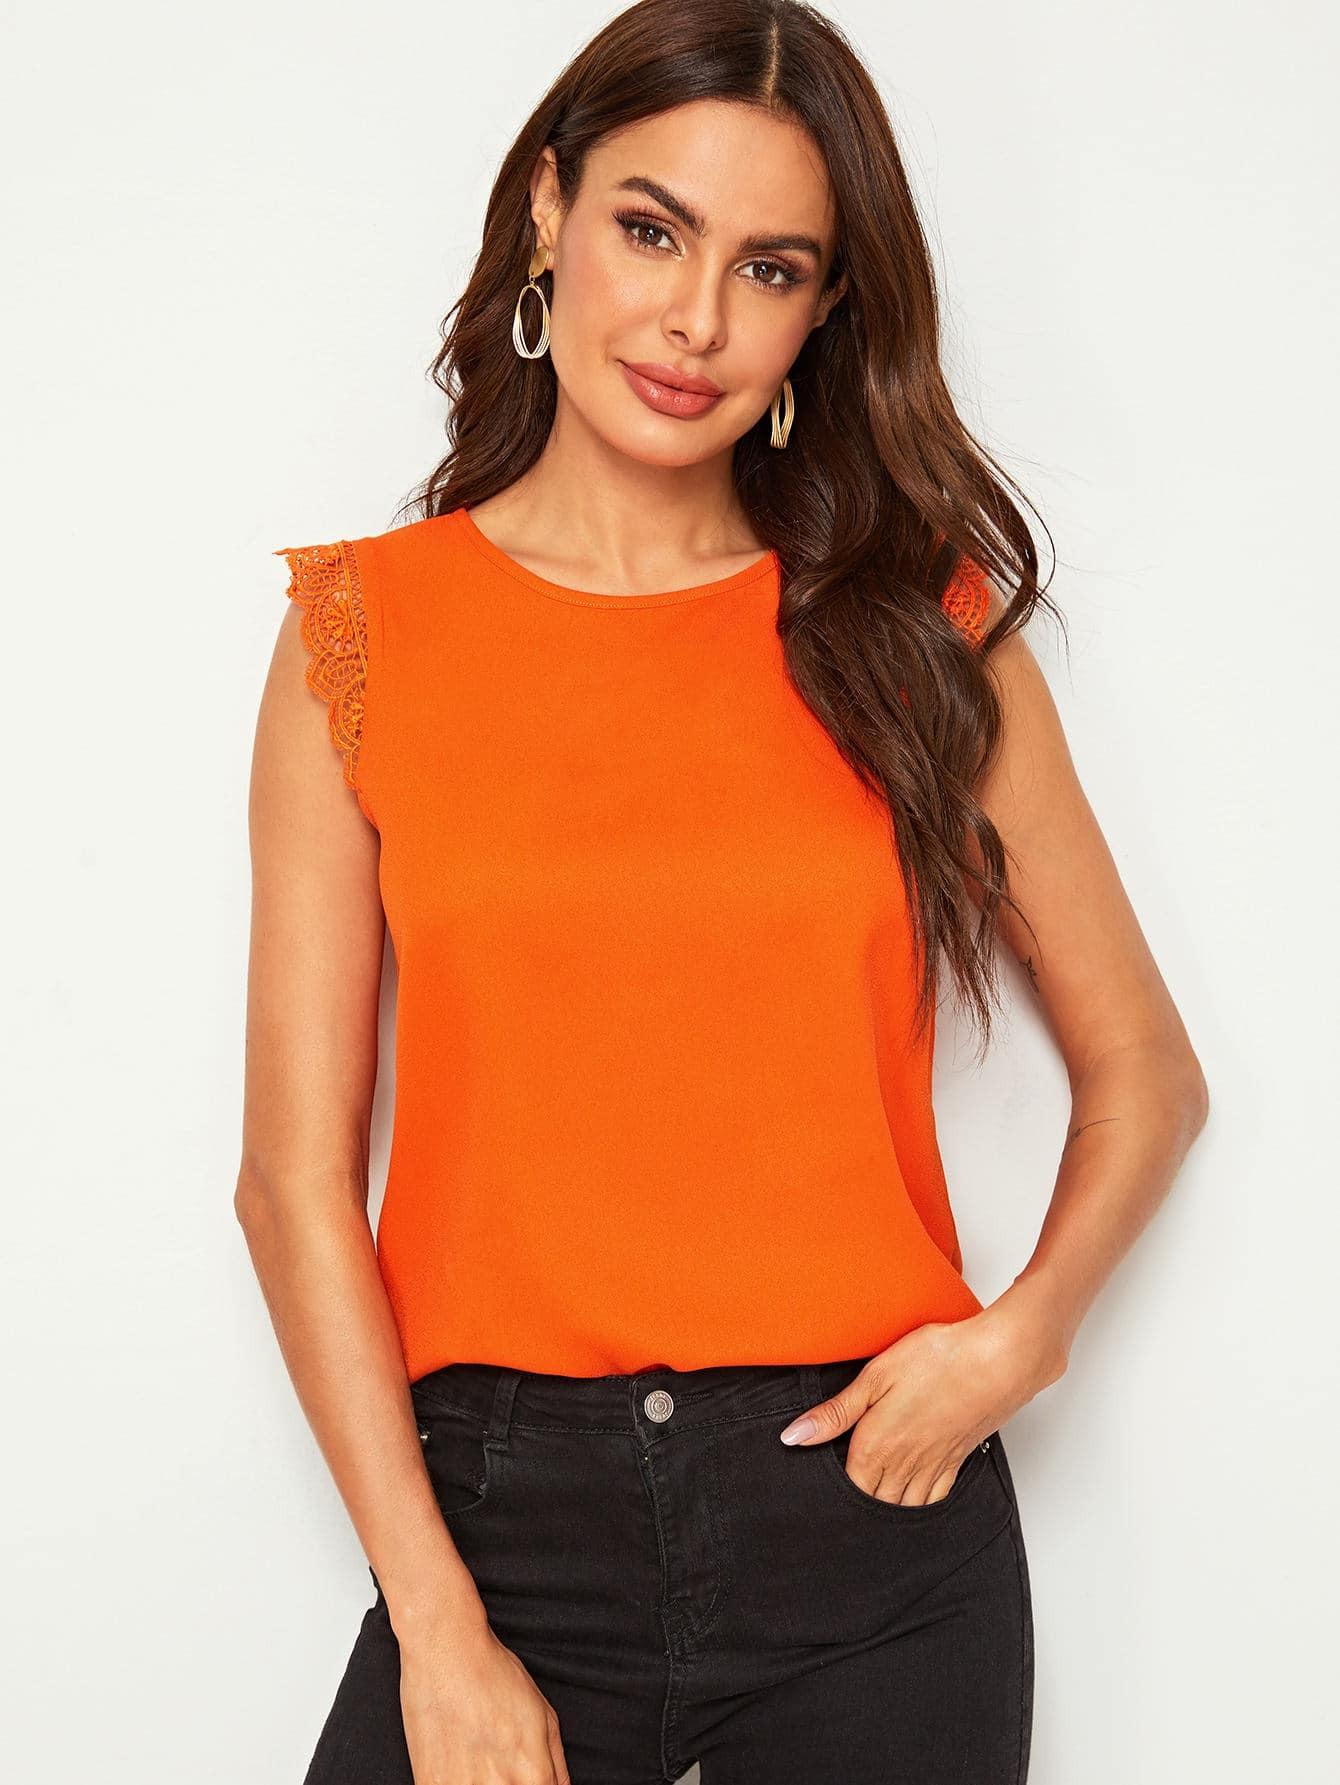 Фото - Топ с кружевной отделкой от SheIn оранжевого цвета